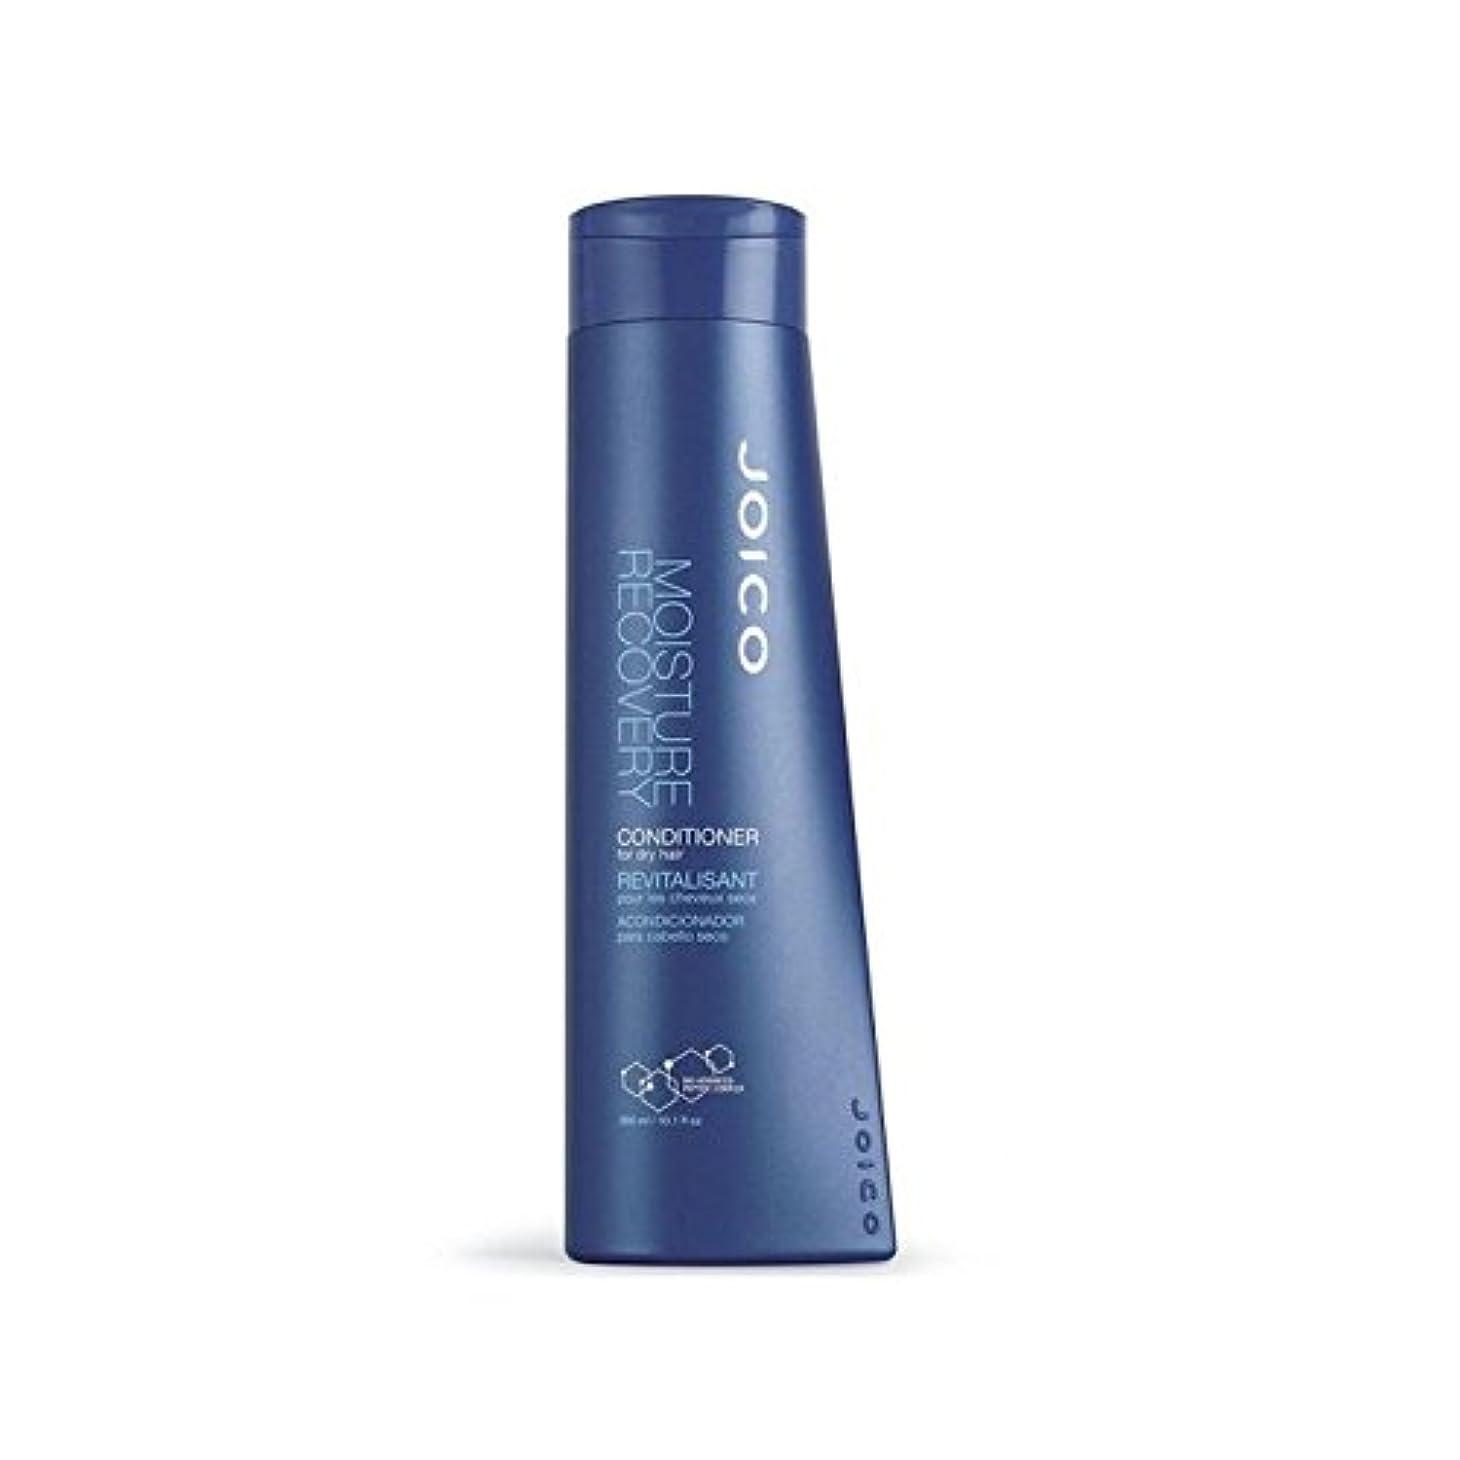 ロールすべき焼くJoico Moisture Recovery Conditioner 300ml (Pack of 6) - ジョイコ水分回復コンディショナー300ミリリットル x6 [並行輸入品]